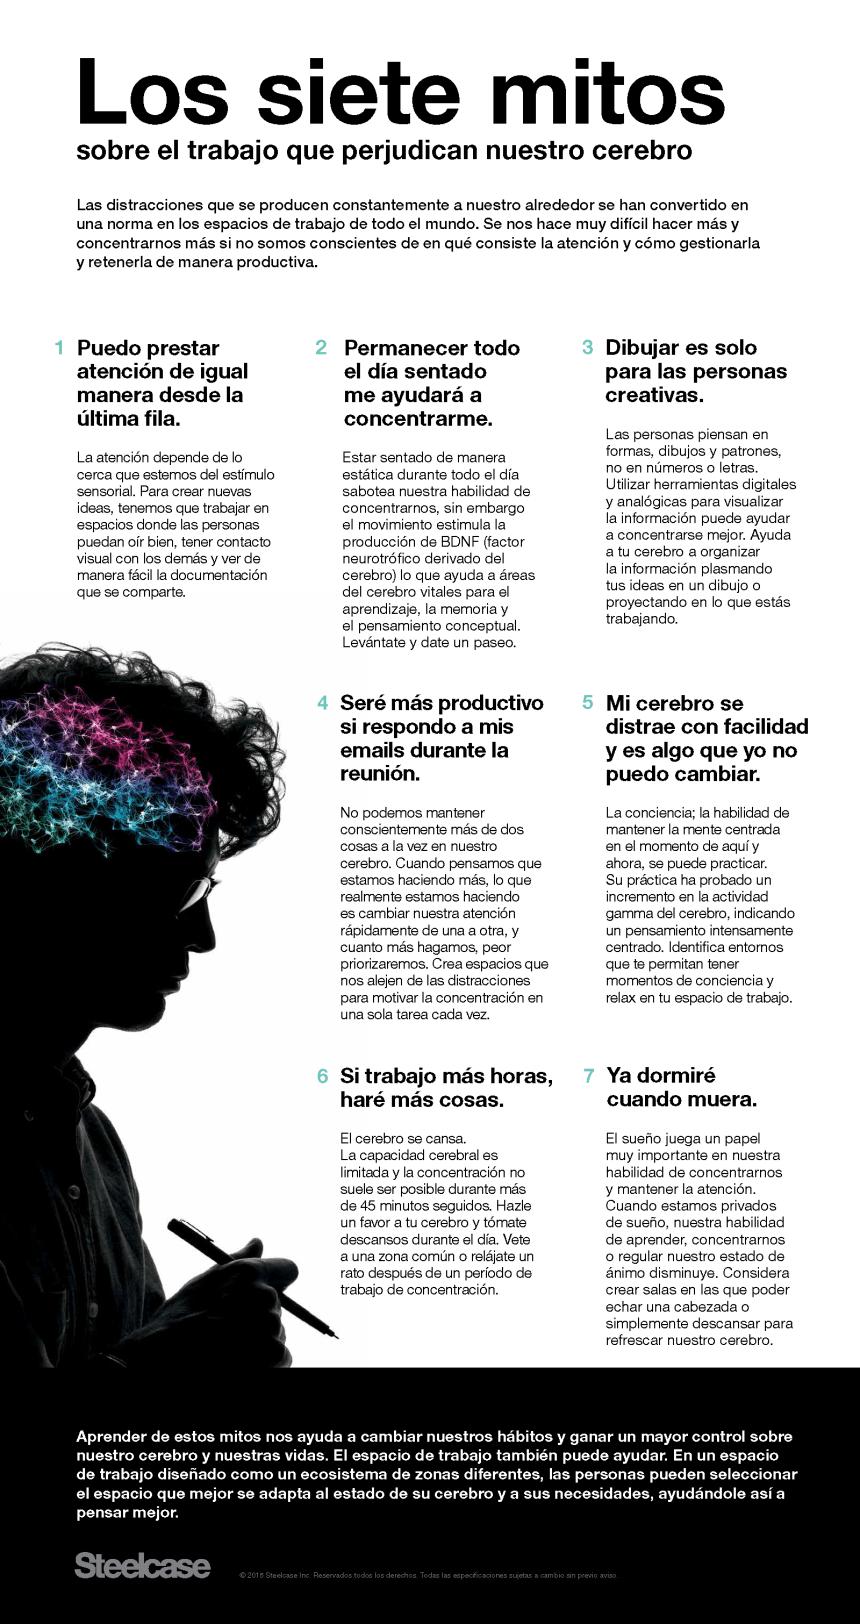 7 mitos sobre el trabajo que perjudican el cerebro